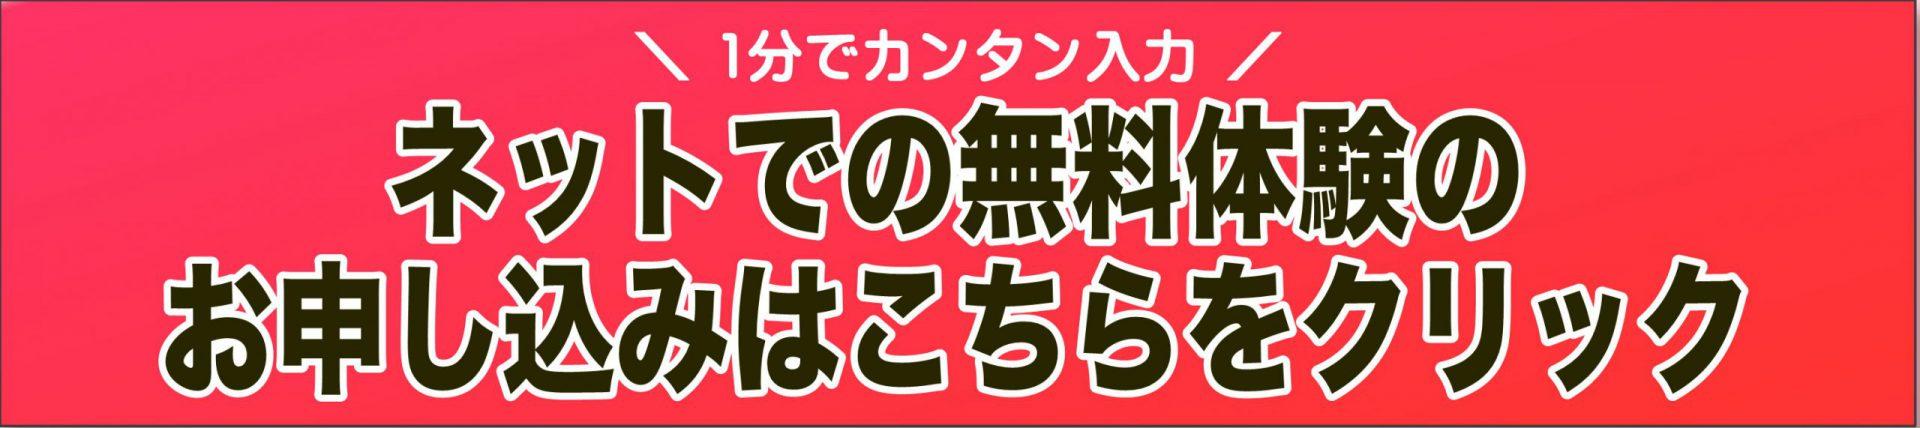 太田市の塾